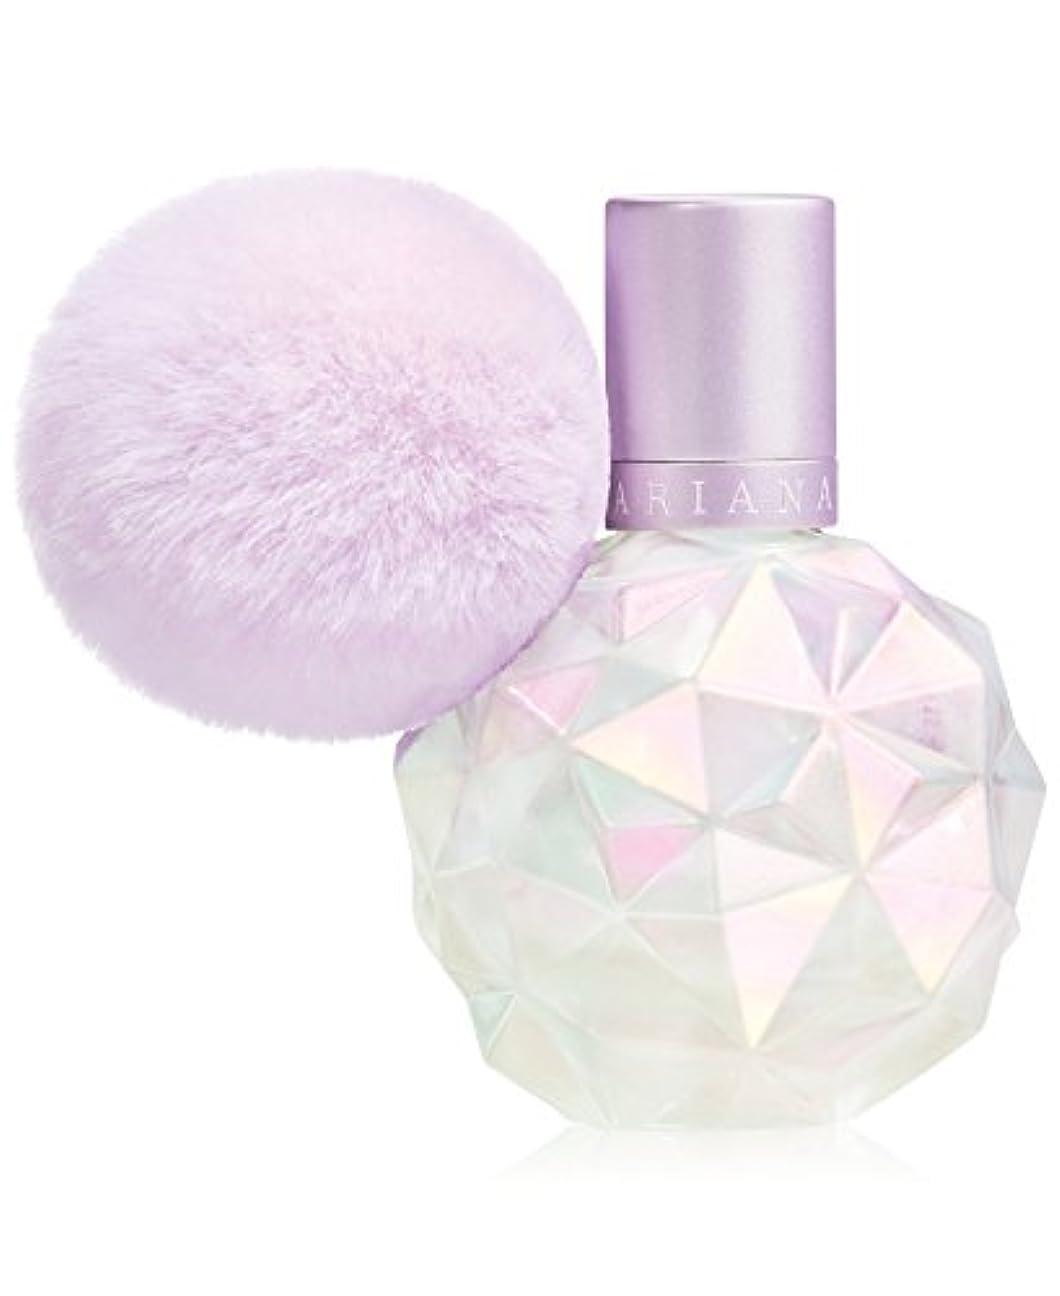 締め切り取得重要Ariana Grande Moonlight (アリアナ グランデ ムーンライト) 1.7 oz (50ml) EDP Spray